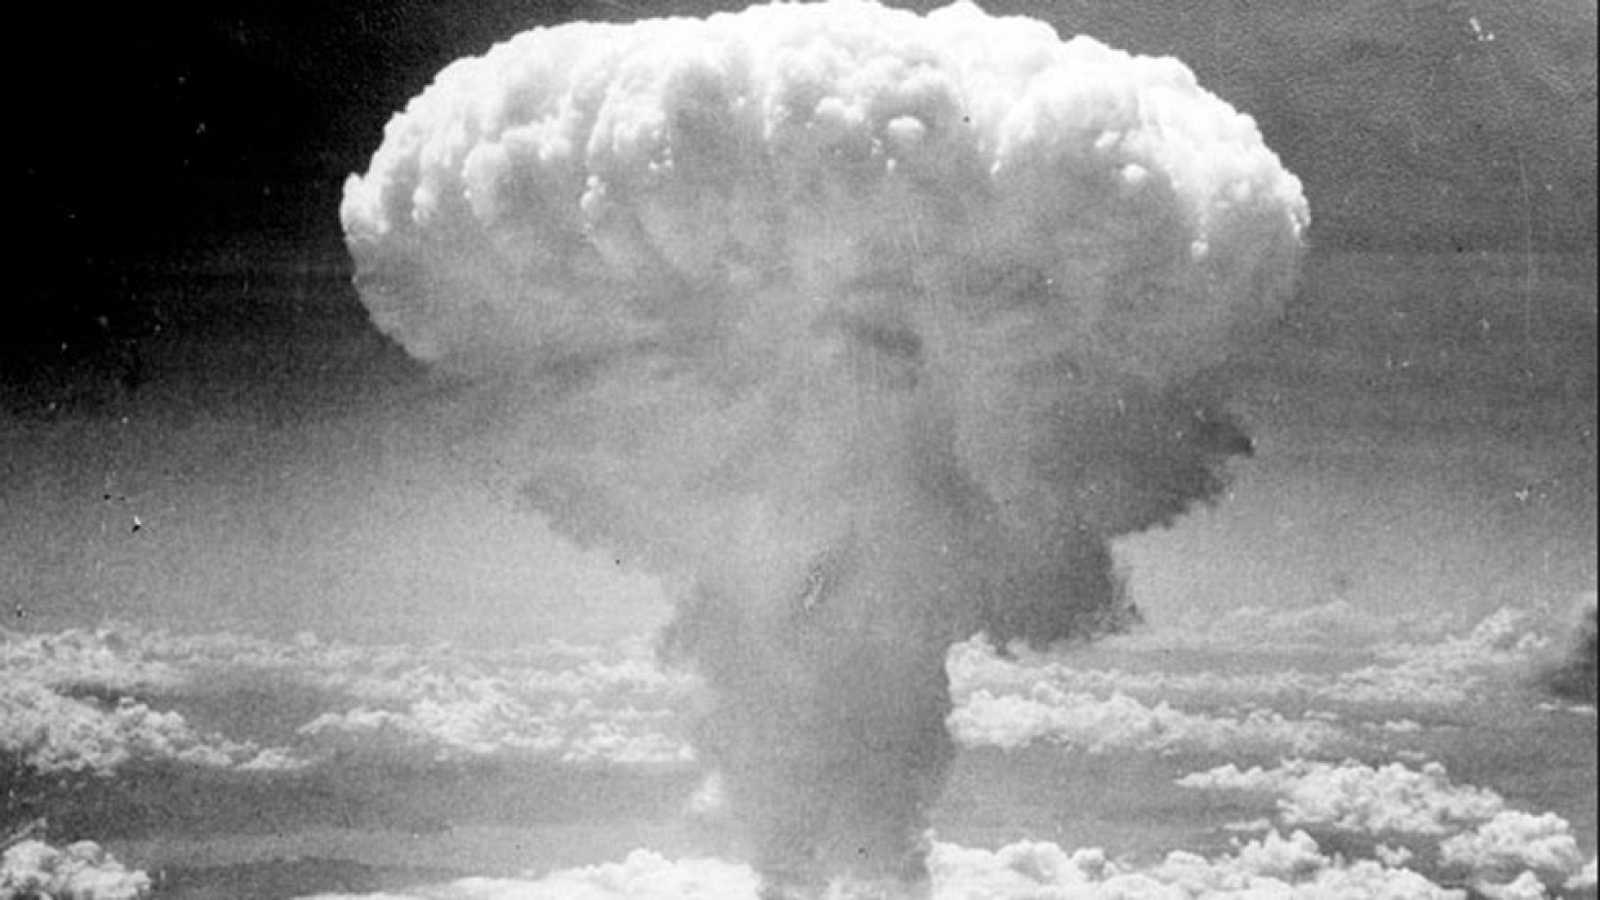 Memoria de la guerra -  Capítulo 7 - Hiroshima, la paz del cementerio